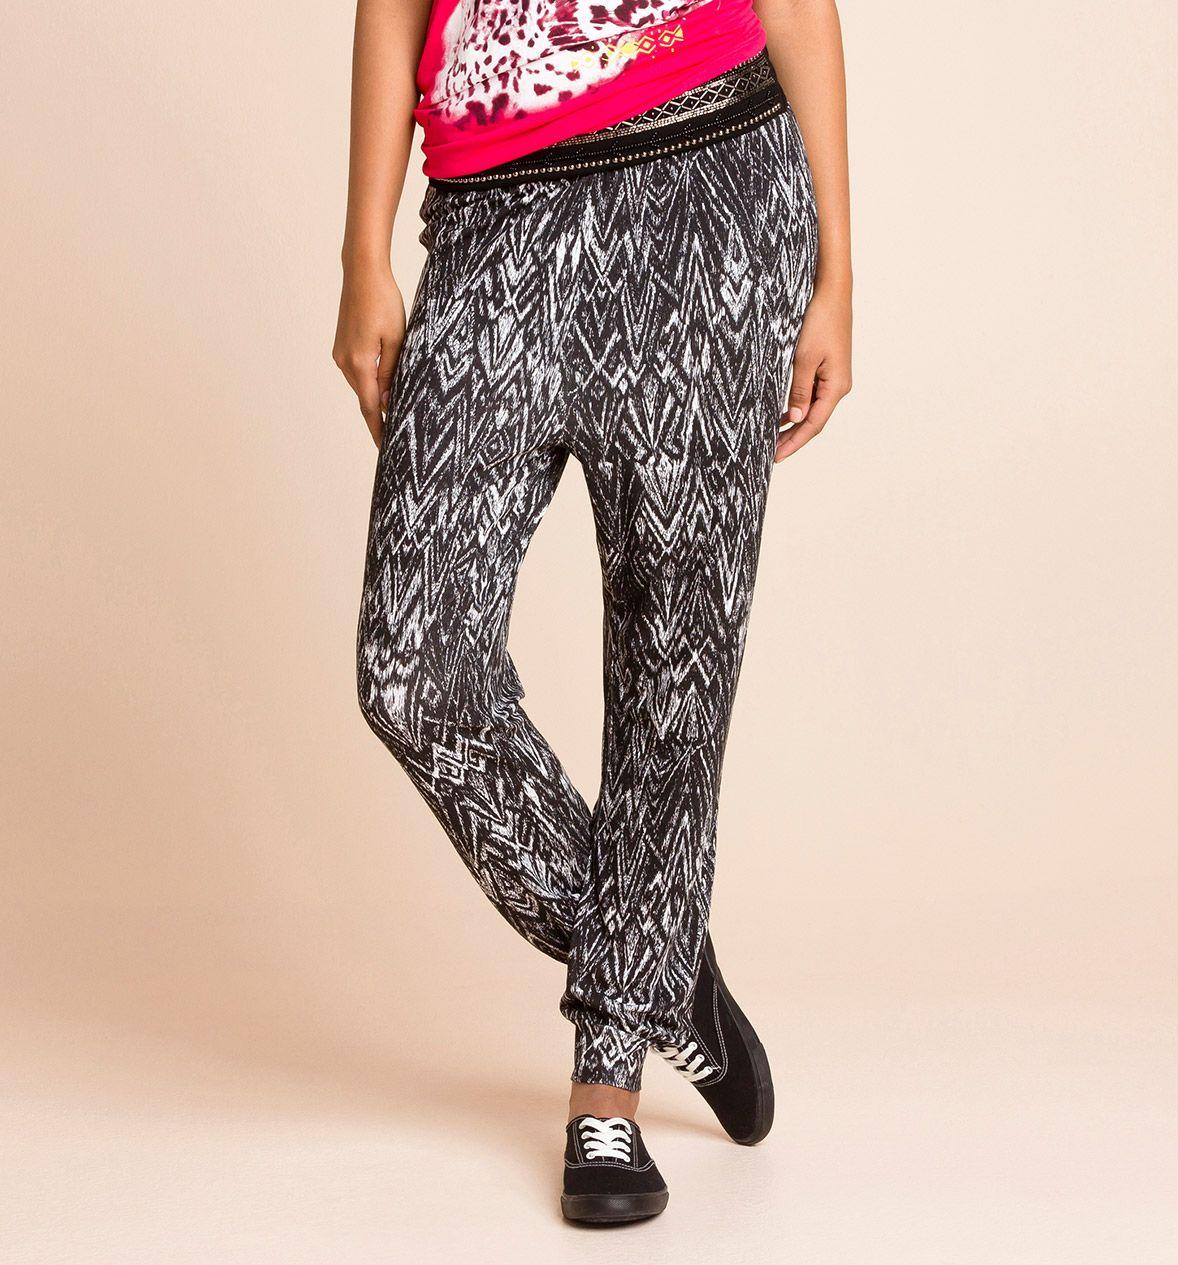 Pantalones con estampado blanco y negro